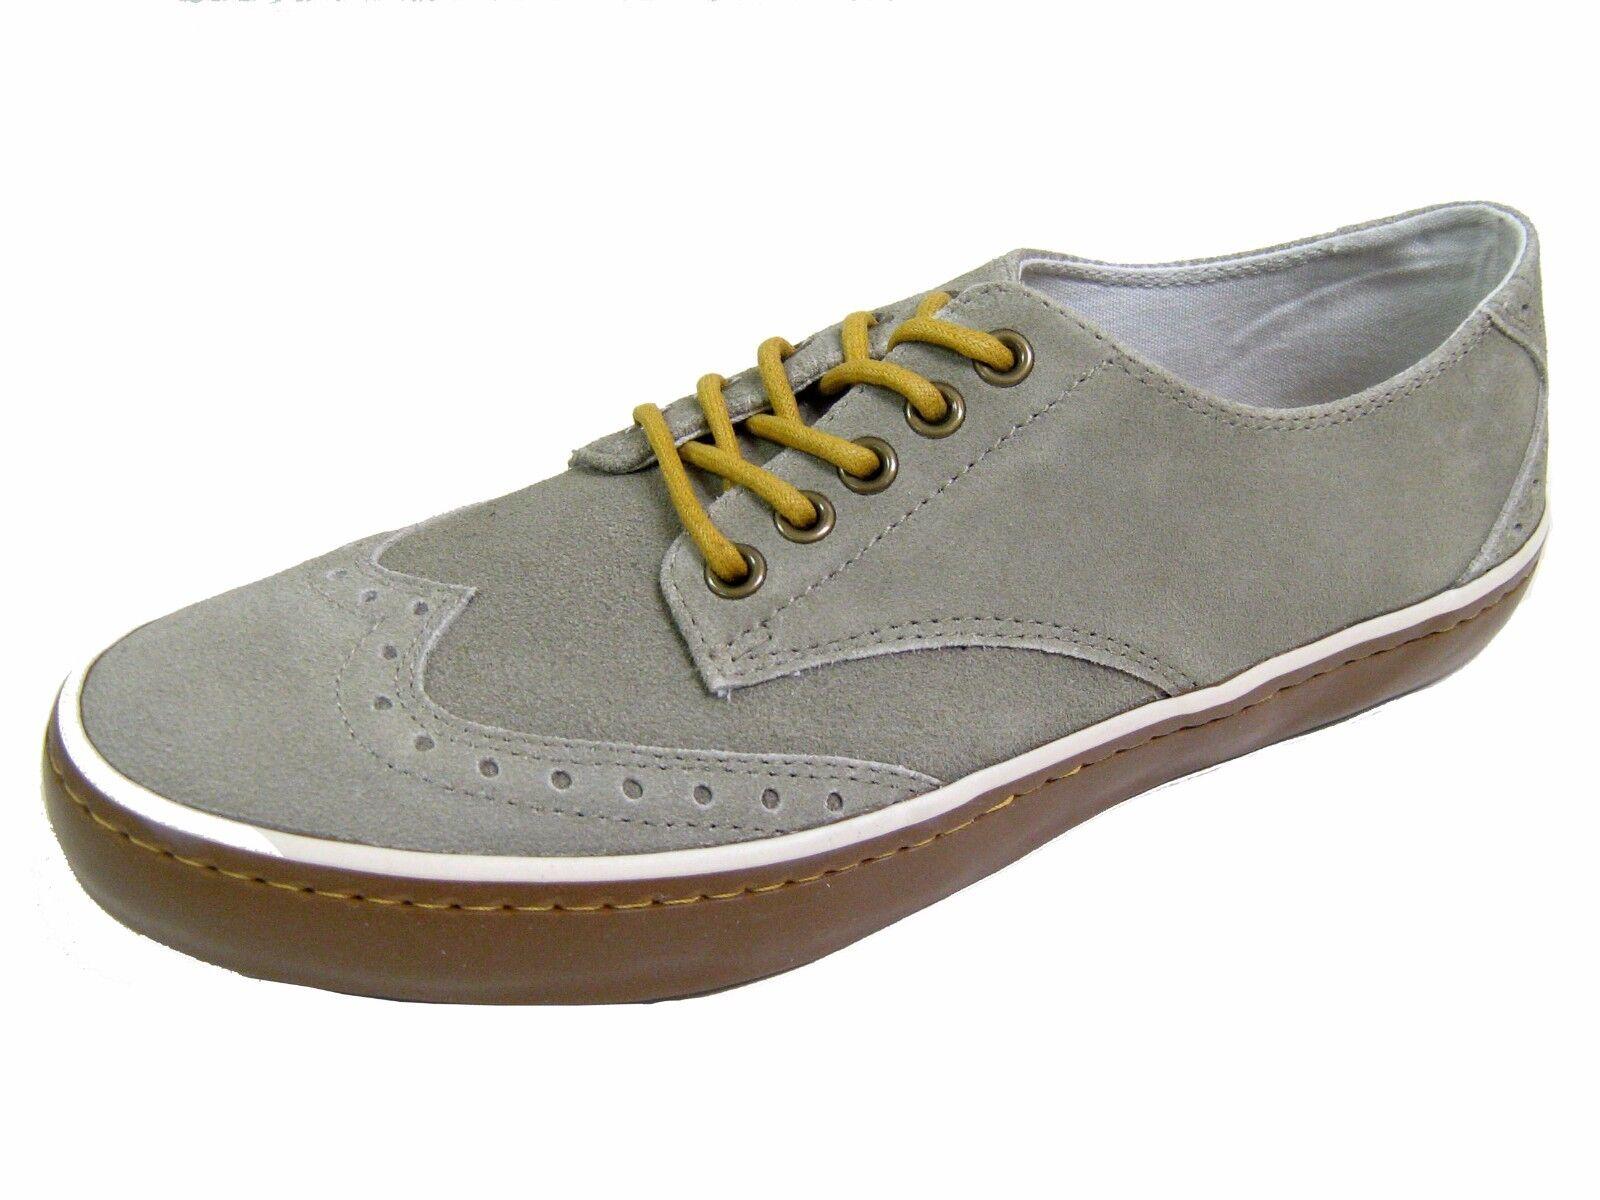 Original Penguin Men's shoes Espy WT Khaki Suede Wingtip Fashion shoes Size 9